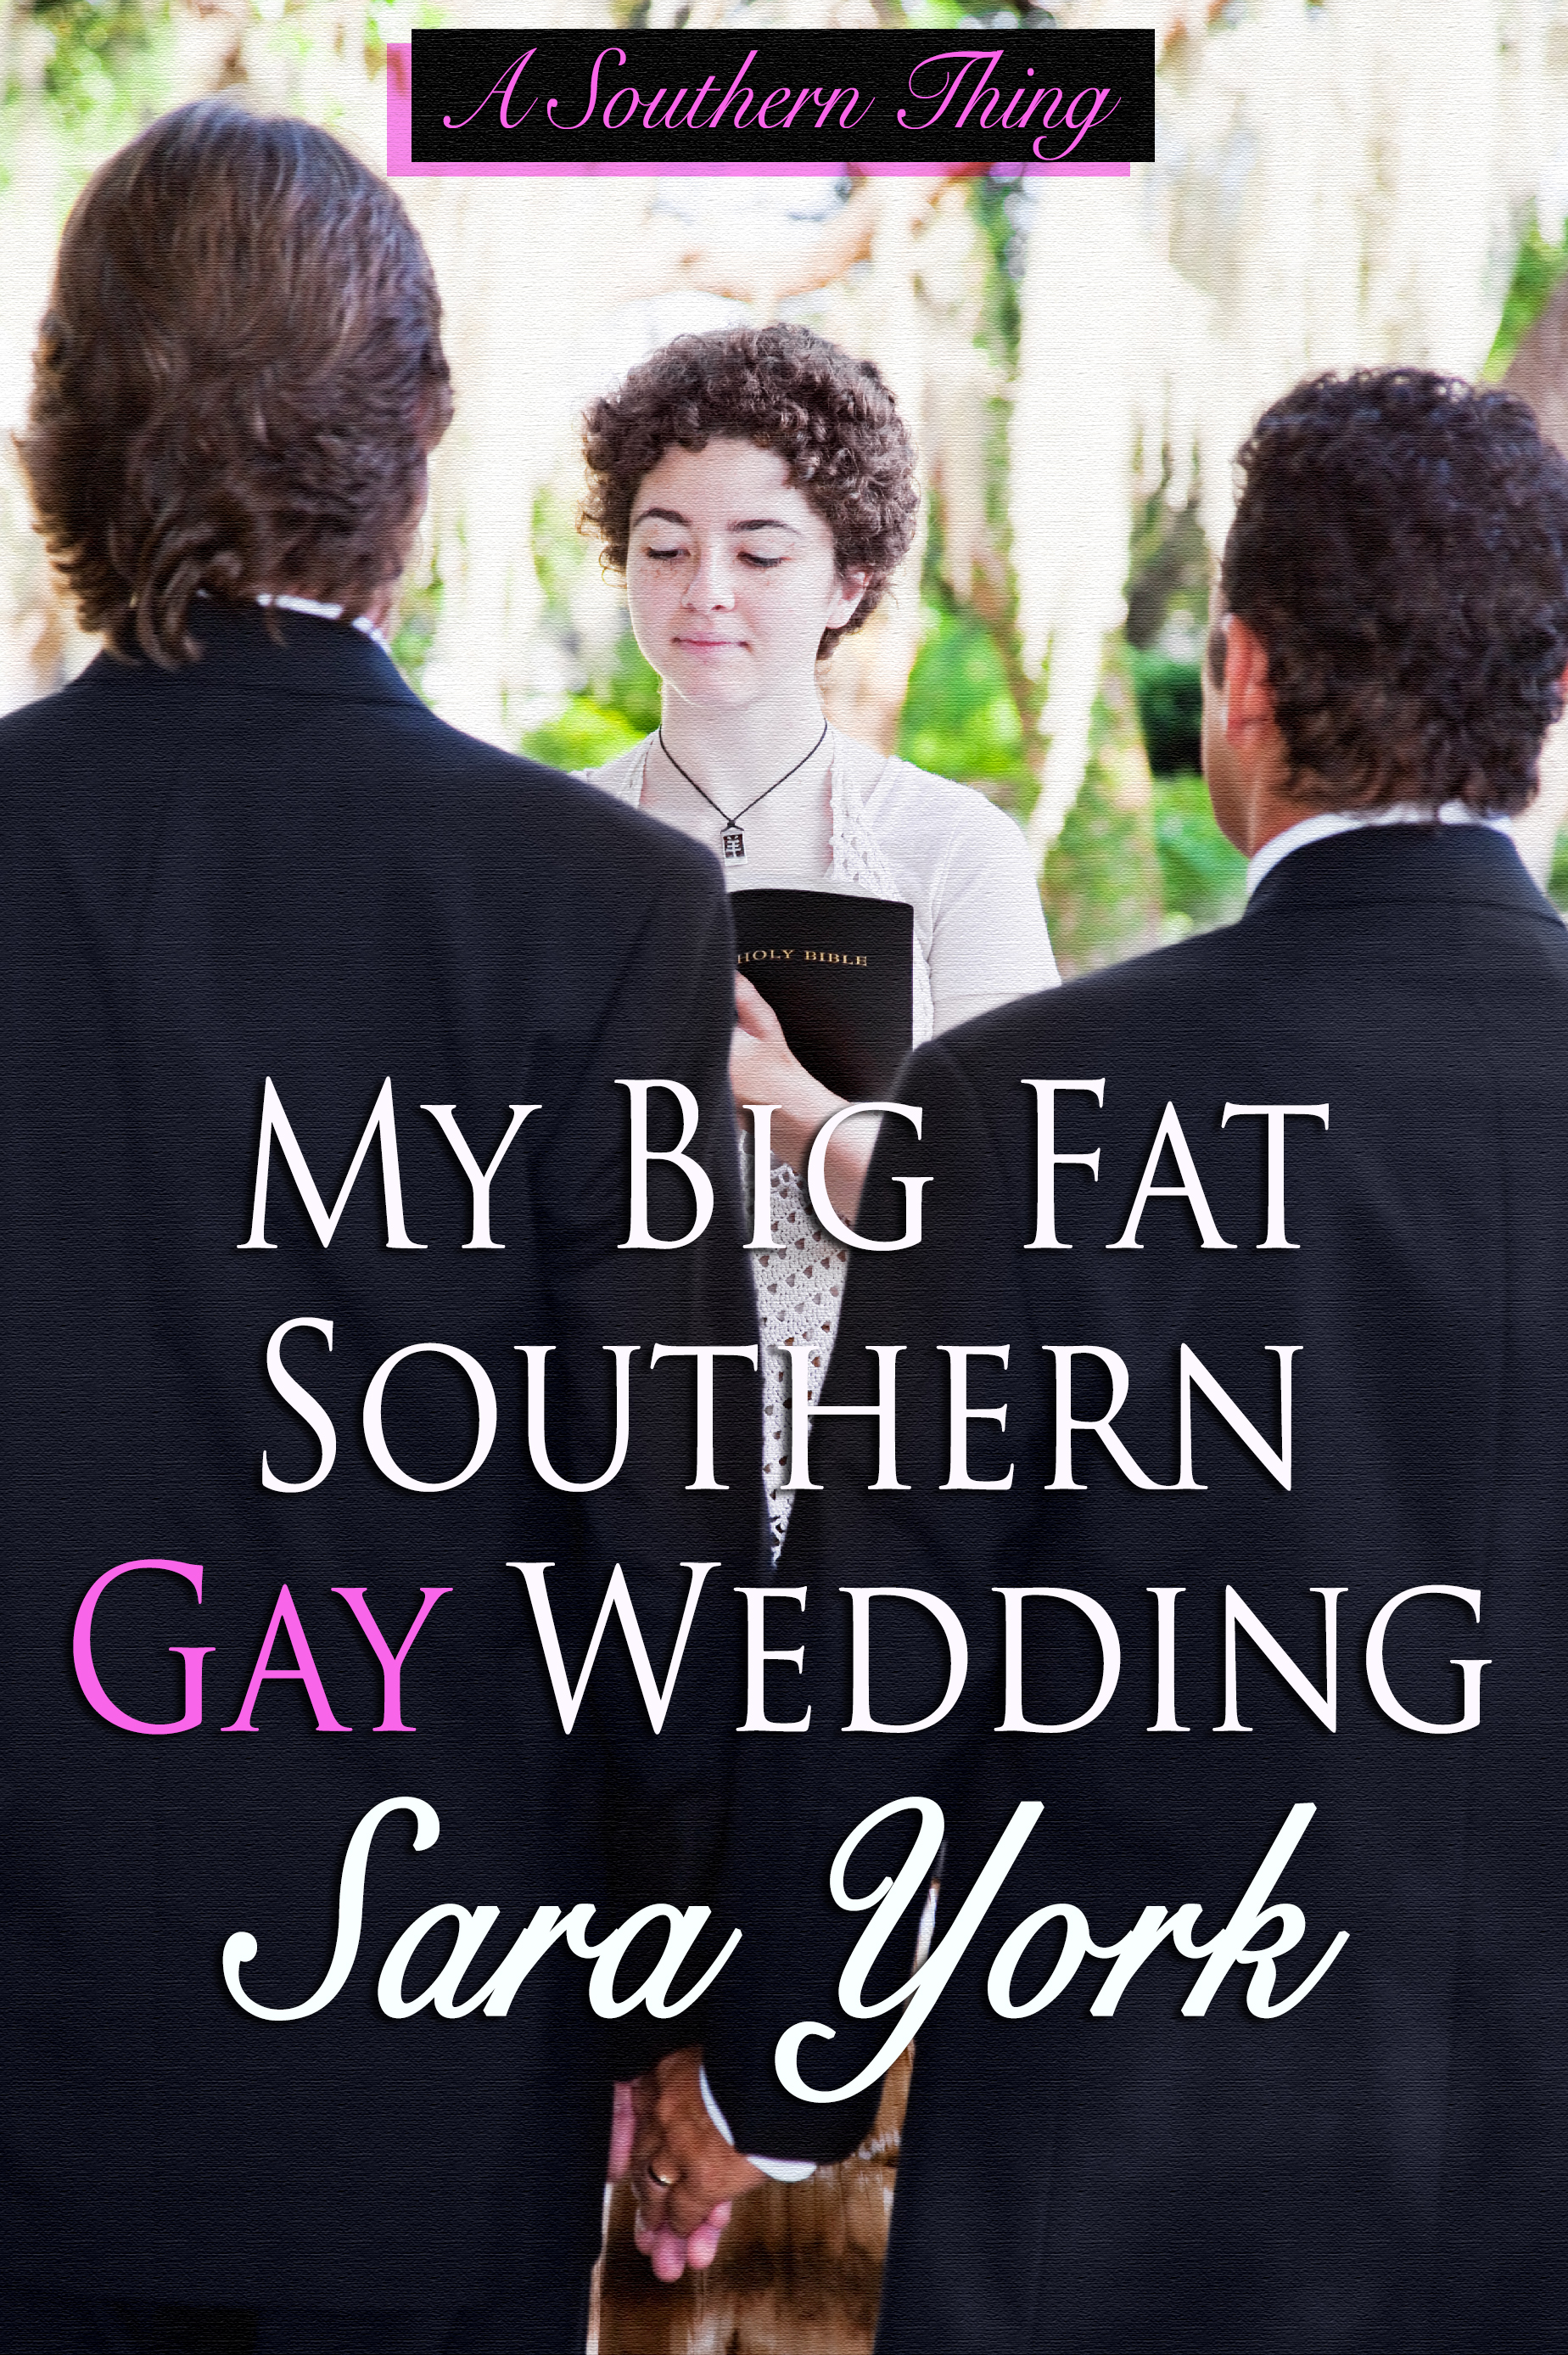 Sara York - My Big Fat Southern Gay Wedding